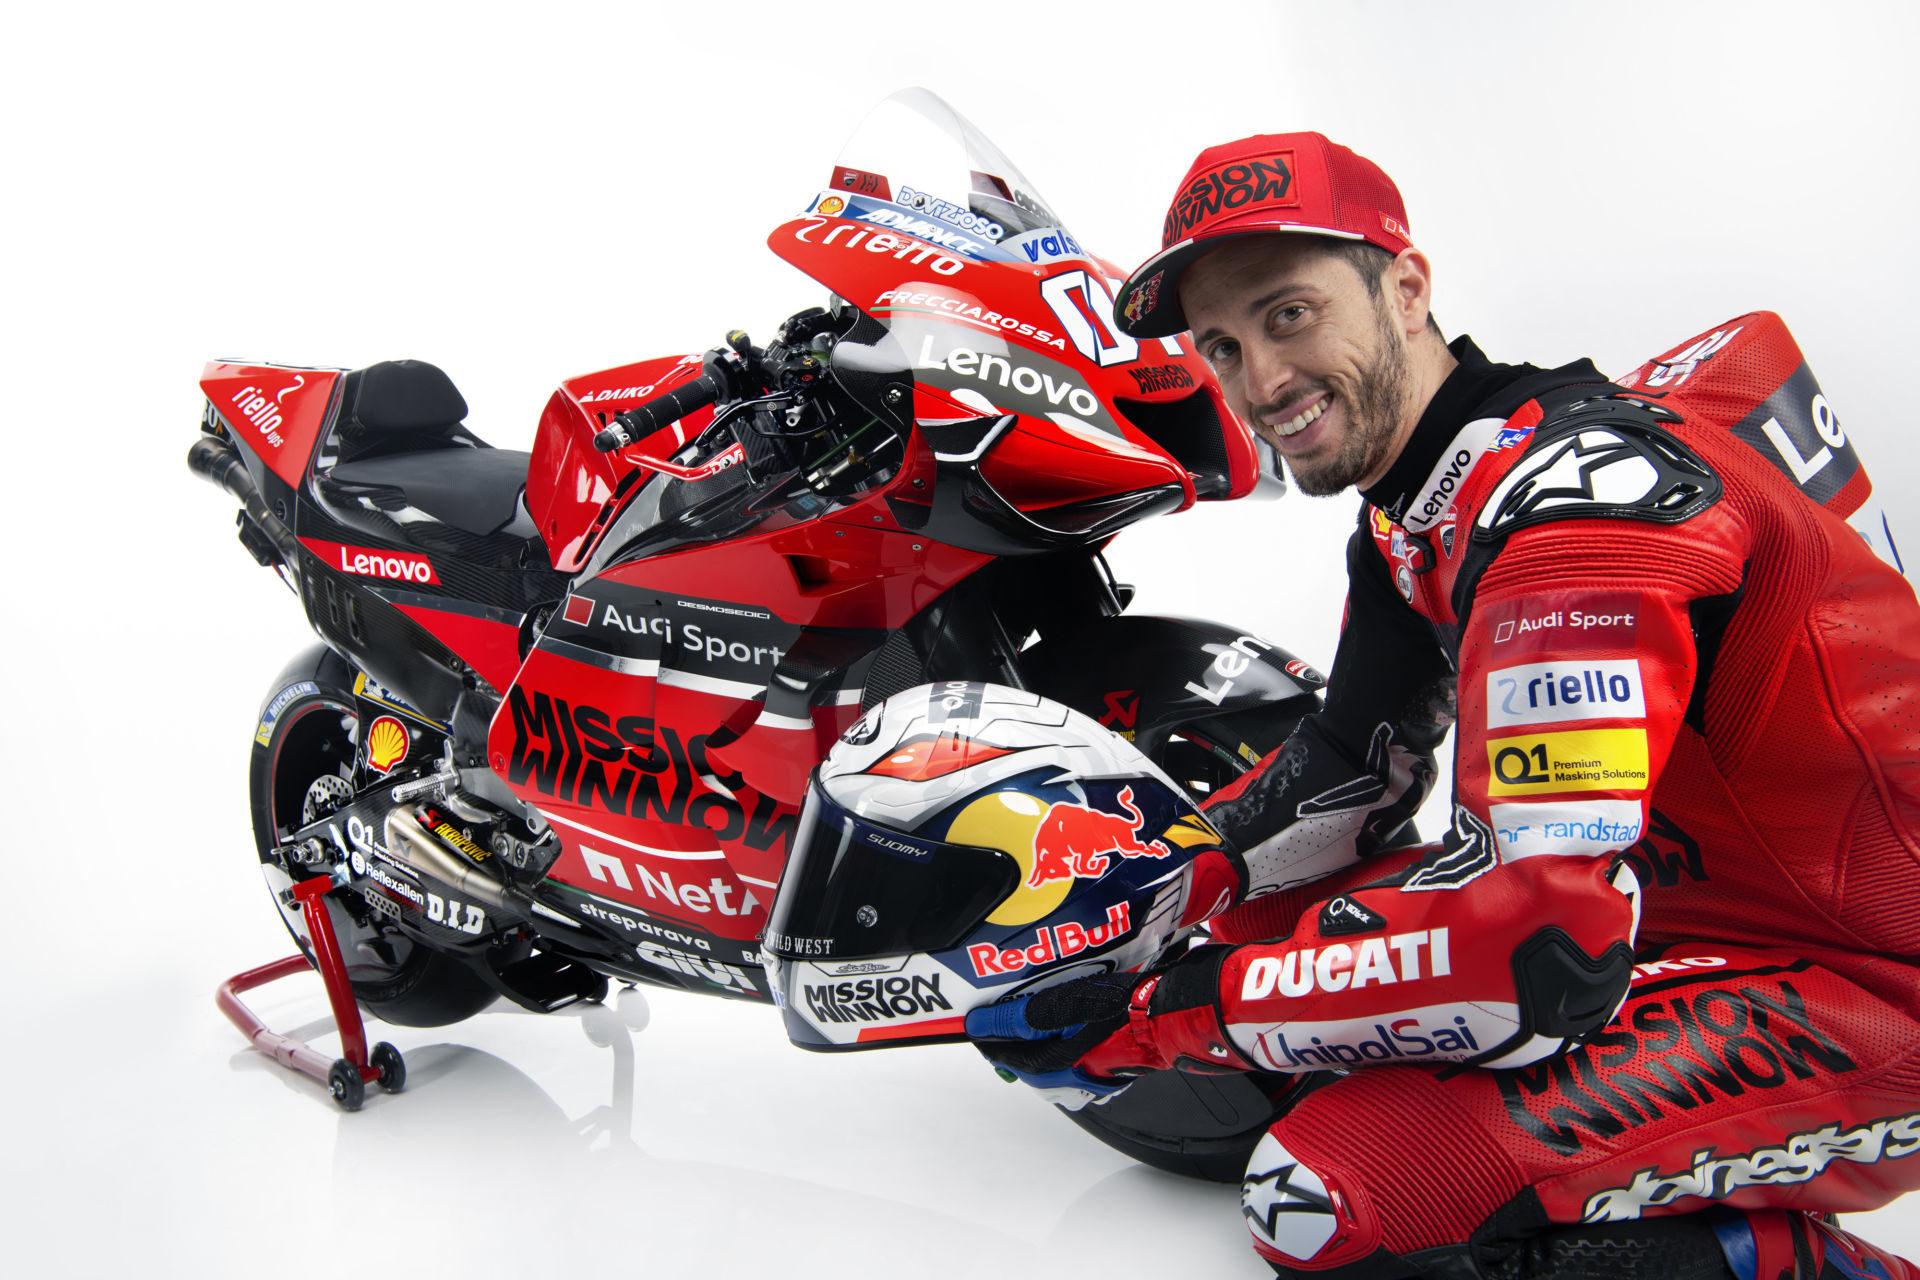 Andrea Dovizioso with his 2020 Mission Winnow Ducati Desmosedici GP20 MotoGP racebike. Photo courtesy of Ducati.